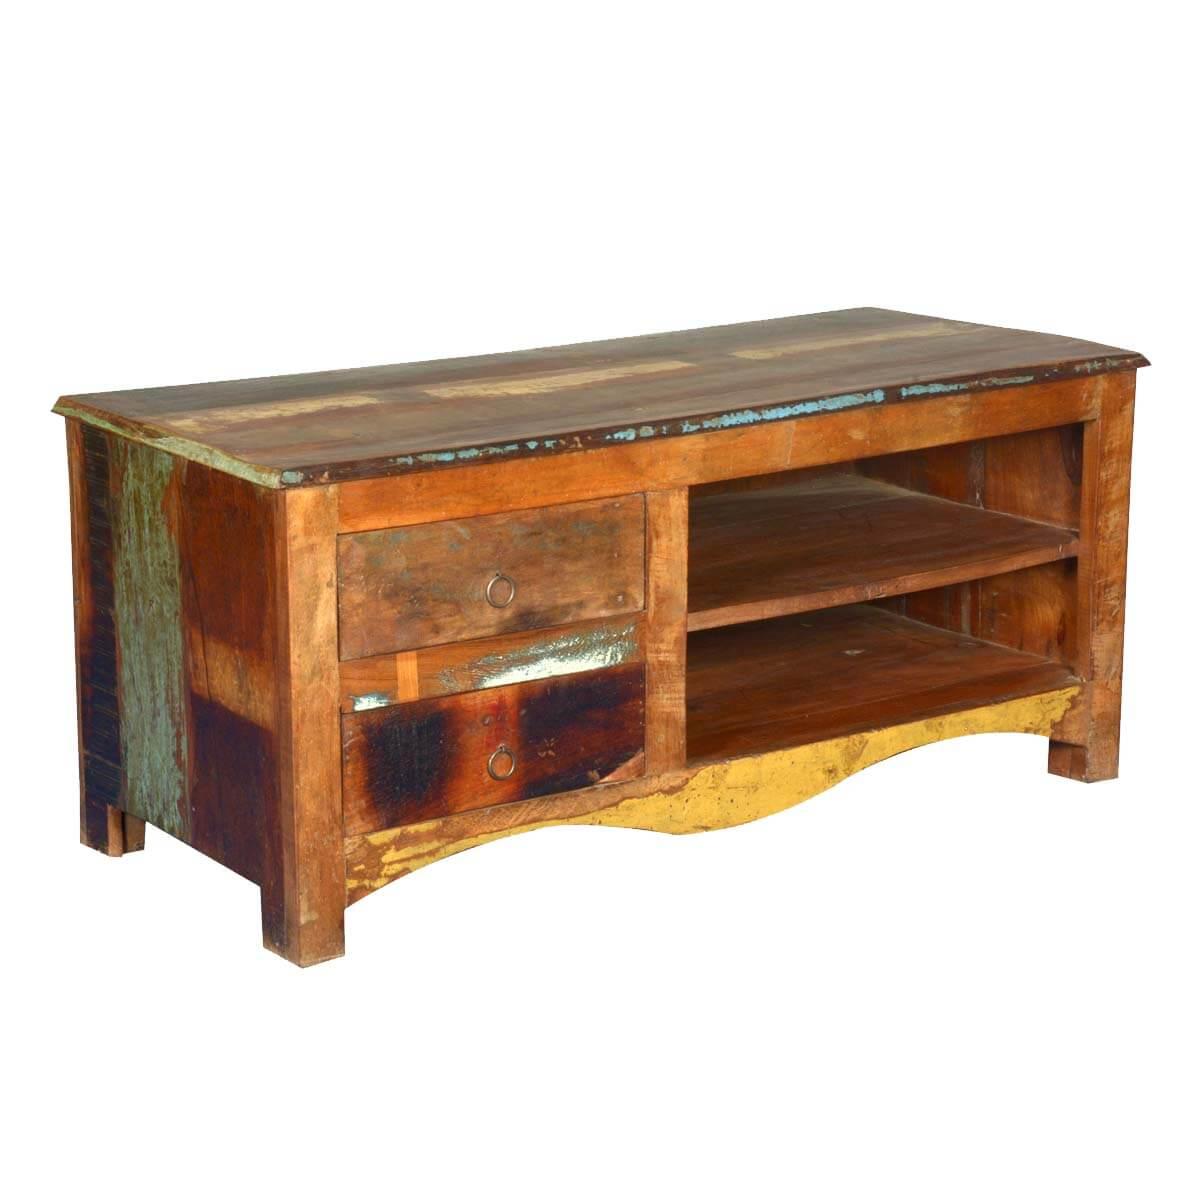 Kensington Retro Reclaimed Wood Open Shelf 2 Drawer TV Media Stand